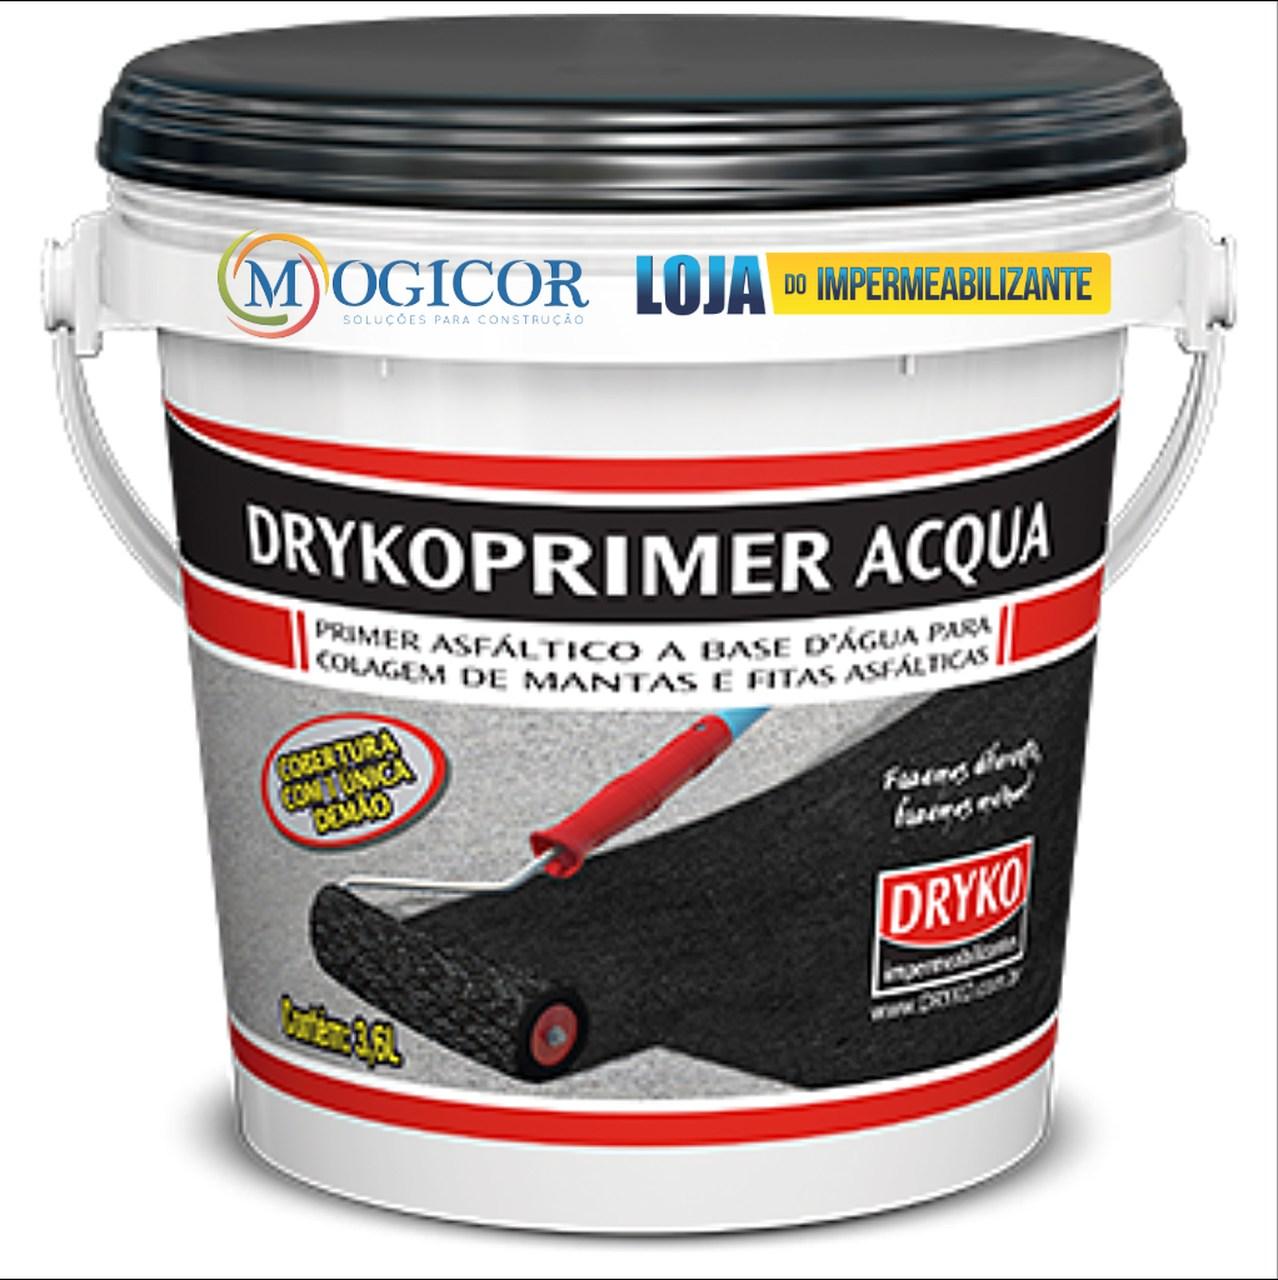 Primer Asfáltico Base Água P/ Mantas & Fitas Aluminizadas - Drykoprimer Acqua 1l